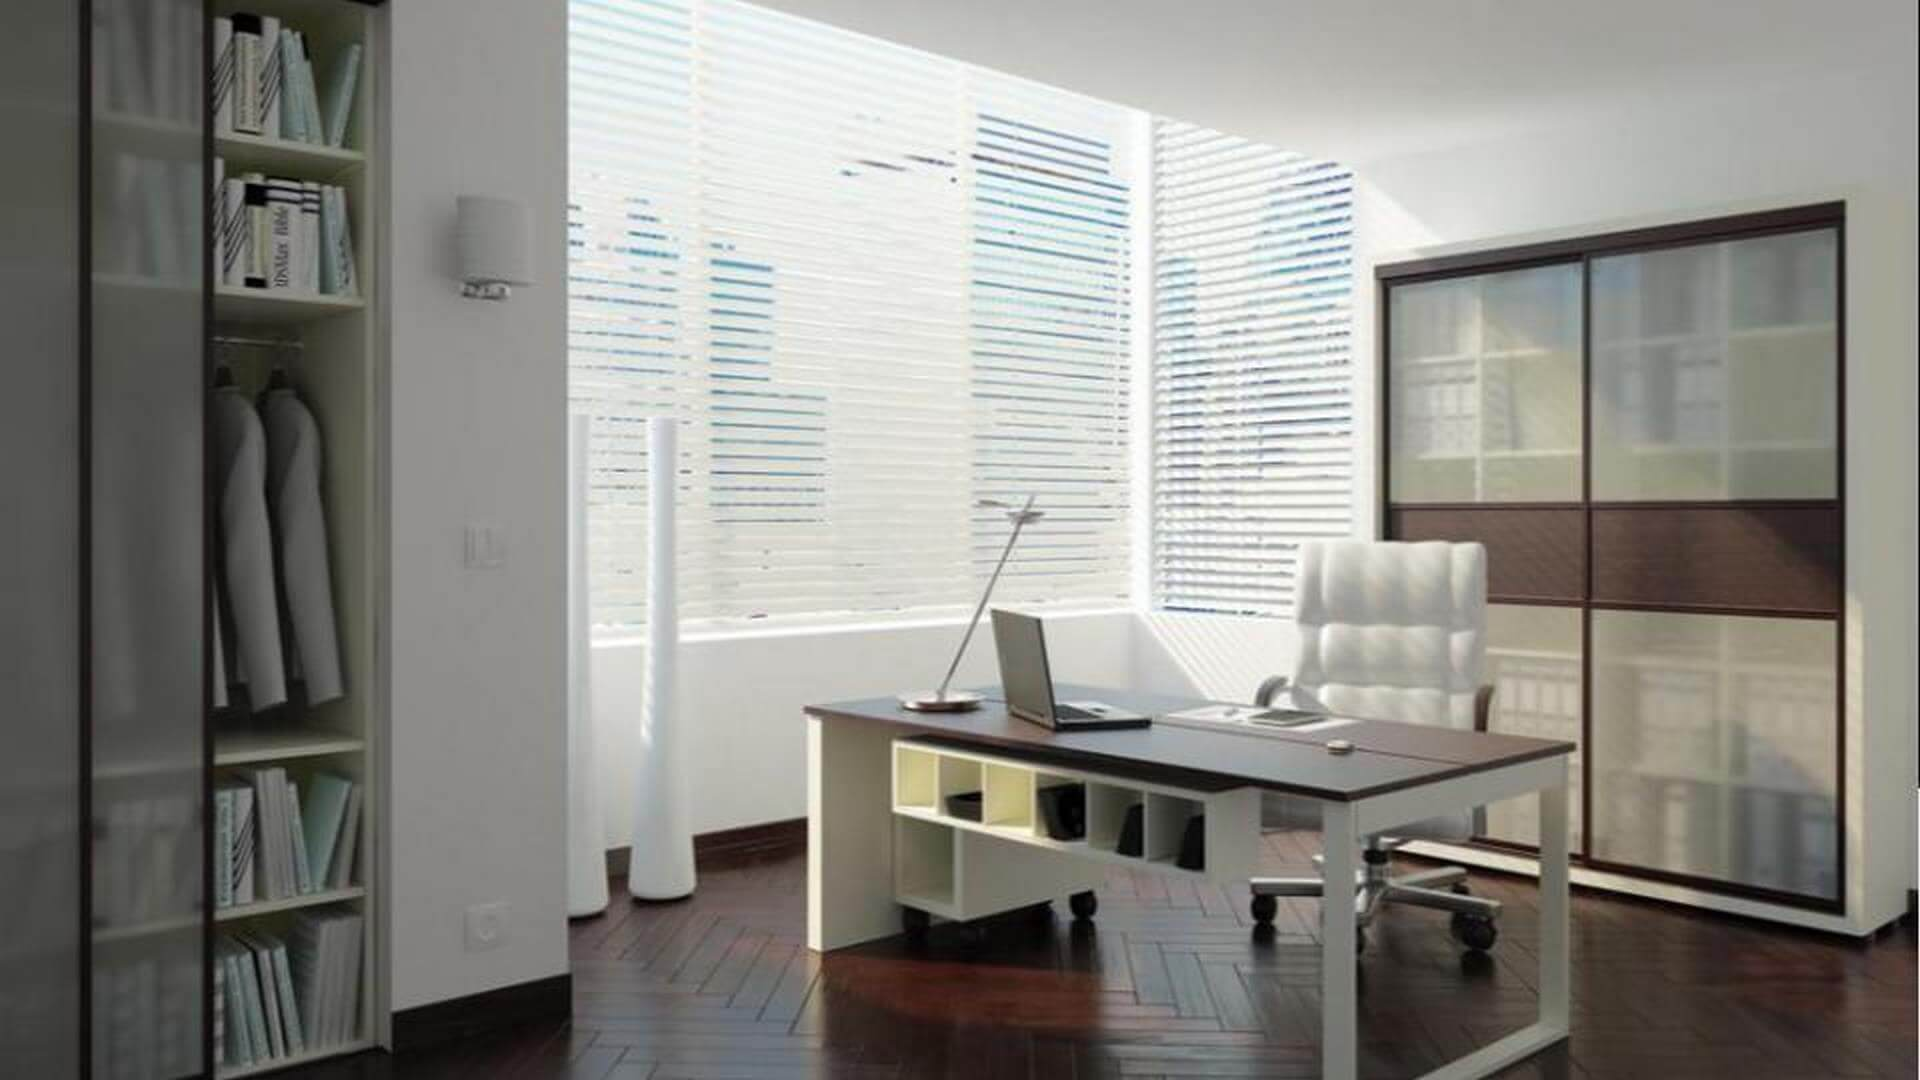 Klasyczna szafa do biura z drzwiami przesuwnymi w kolorze ciemnego drewna i lustrami